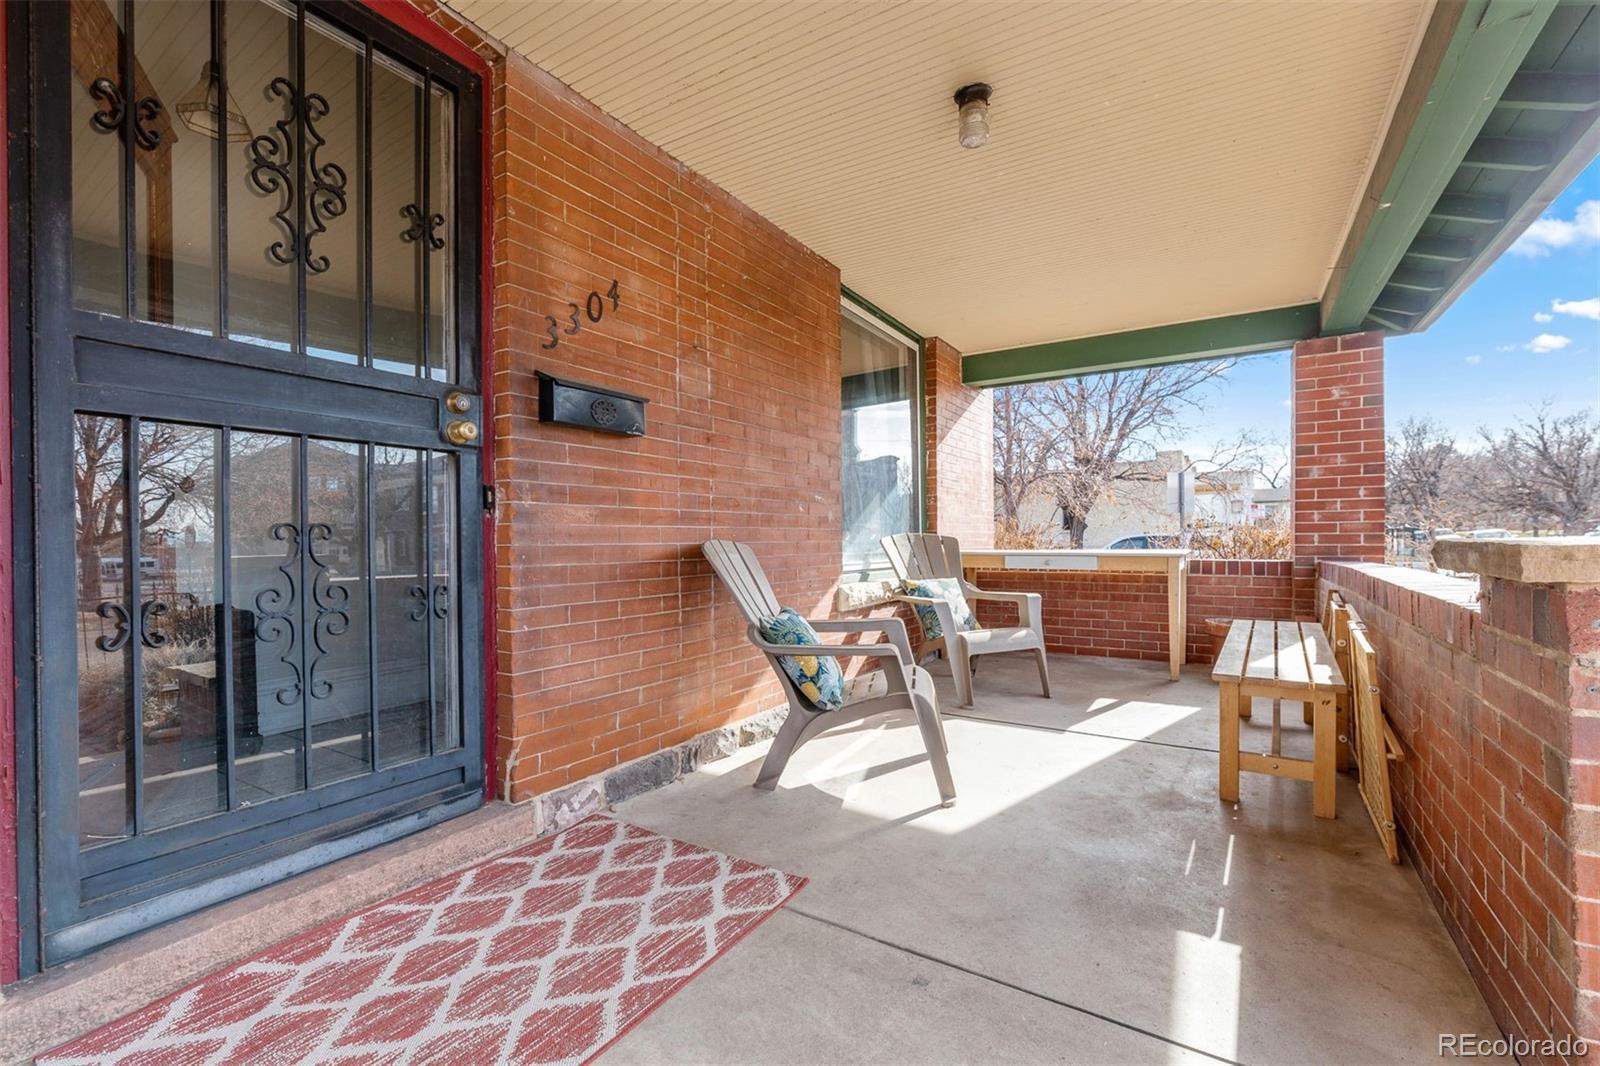 MLS# 8100996 - 3 - 3304 N Franklin Street, Denver, CO 80205